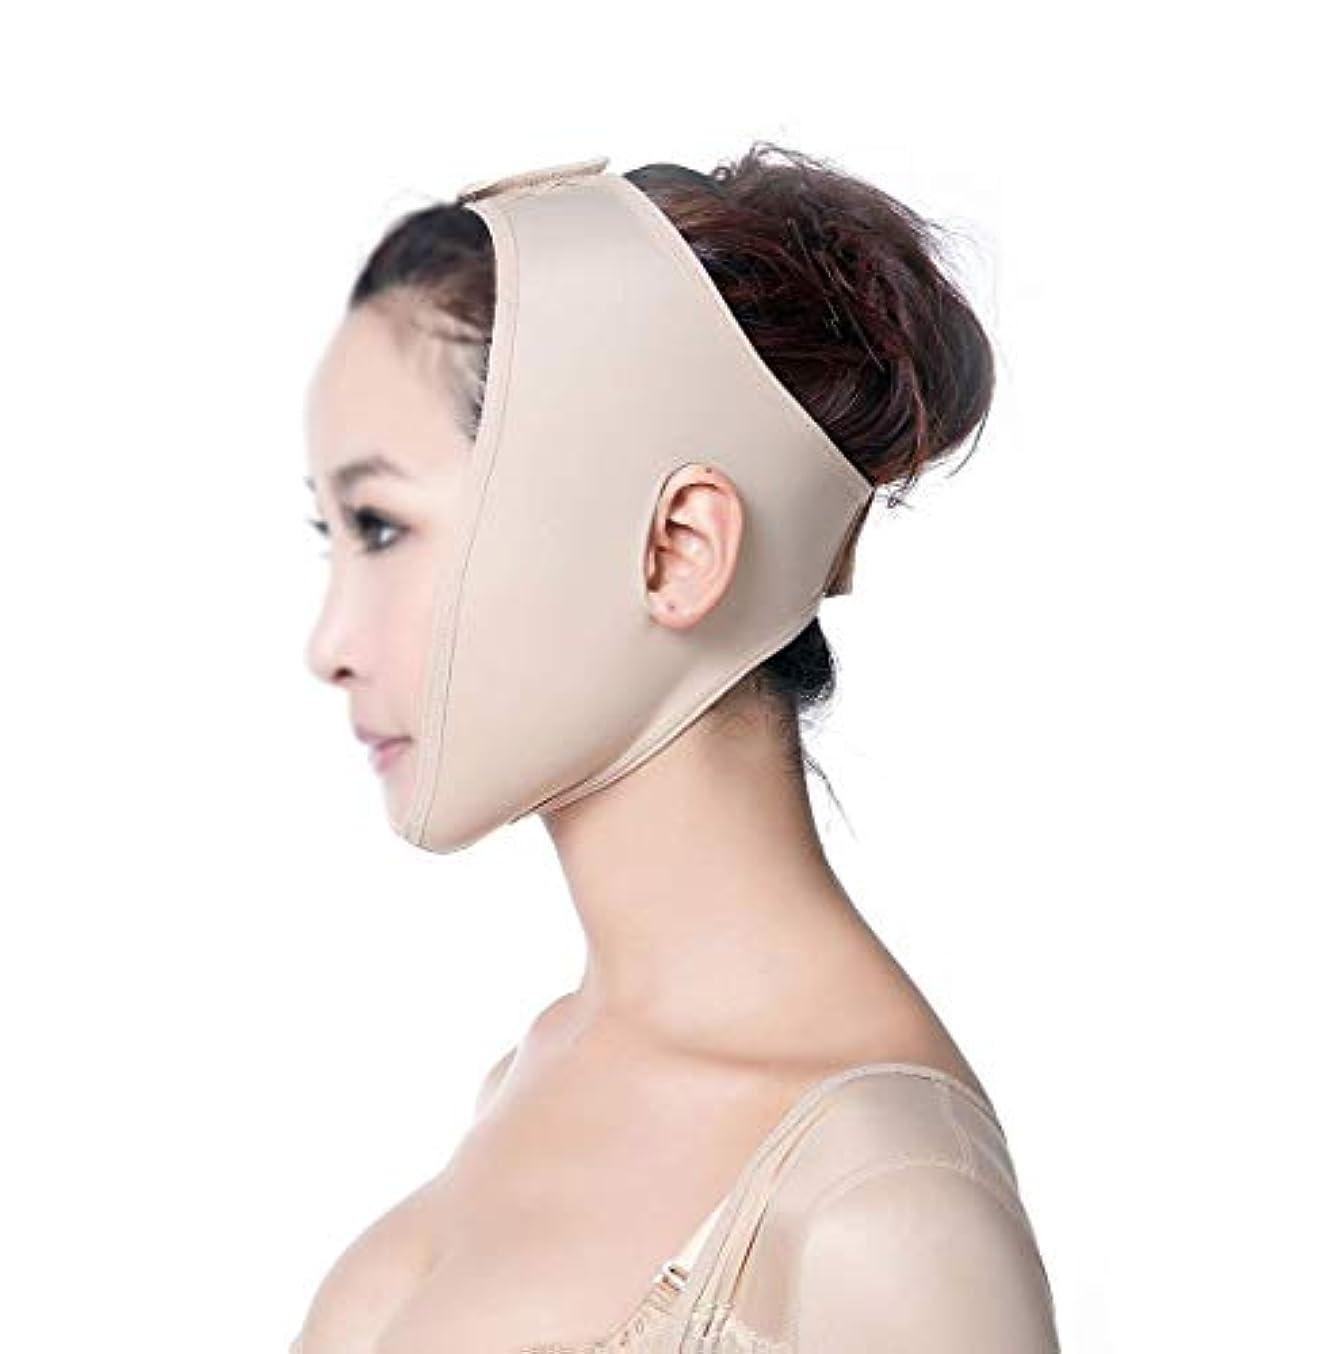 米国修正する倒錯フェイスリフトマスクフェイスアンドネックリフトポストエラスティックスリーブ下顎骨セットフェイスアーティファクトVフェイスフェイシャルフェイスバンドルダブルチンマスク(サイズ:L)